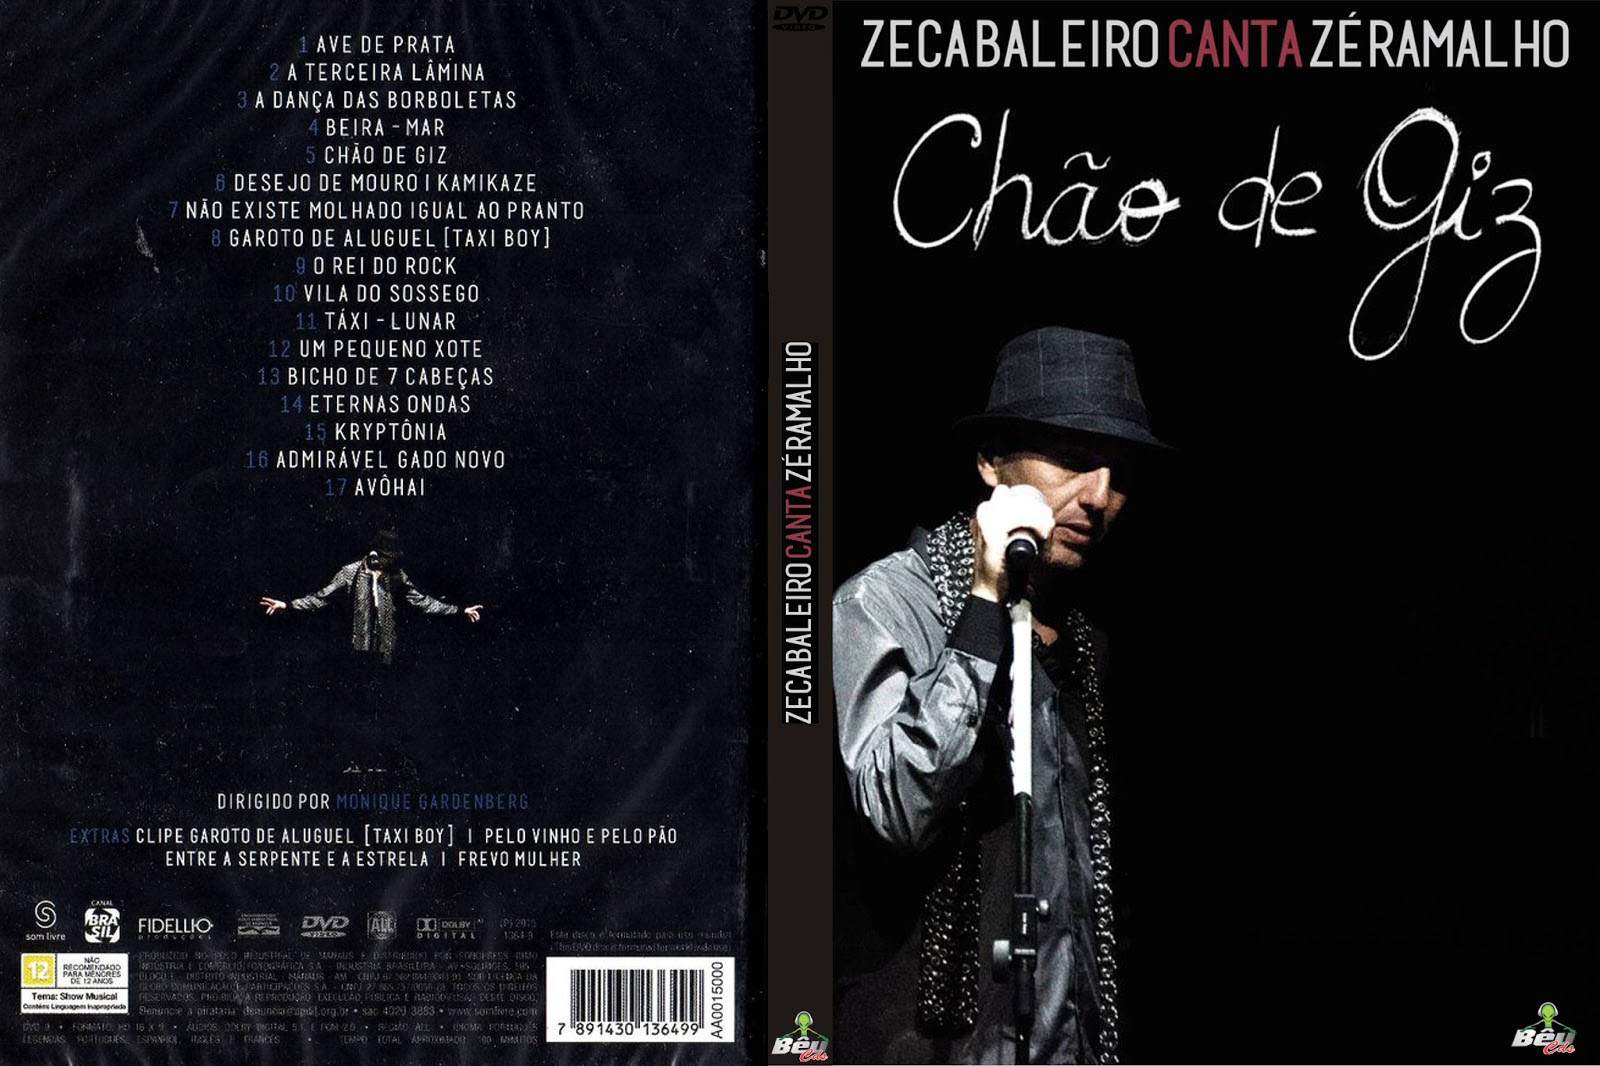 download zeca baleiro canta ze ramalho chao de giz Download Zeca Baleiro Canta Zé Ramalho, Chão de Giz DVDRip 2015 Zeca 2BBaleiro 2BCanta 2BZ 25C3 25A9 2BRamalho 252CCh 25C3 25A3o 2Bde 2BGiz 2BAo 2BVivo 2BDVD R 2BXANDAODOWNLOAD